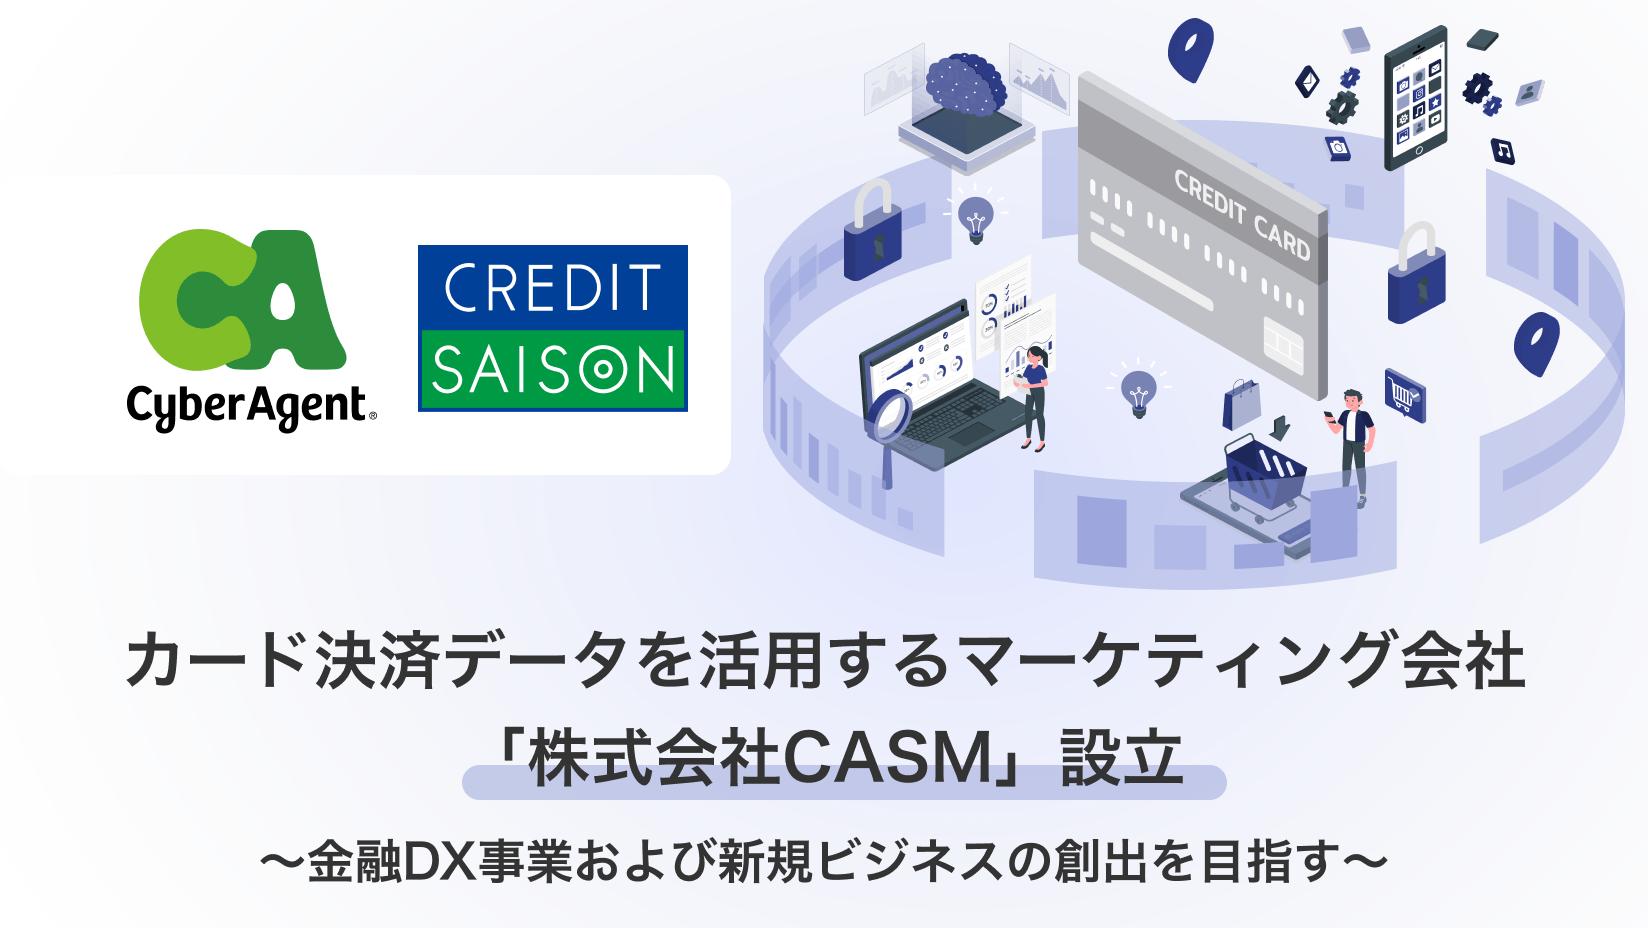 サイバーエージェントとクレディセゾン、カード決済データを活用するマーケティング会社 「株式会社CASM」設立